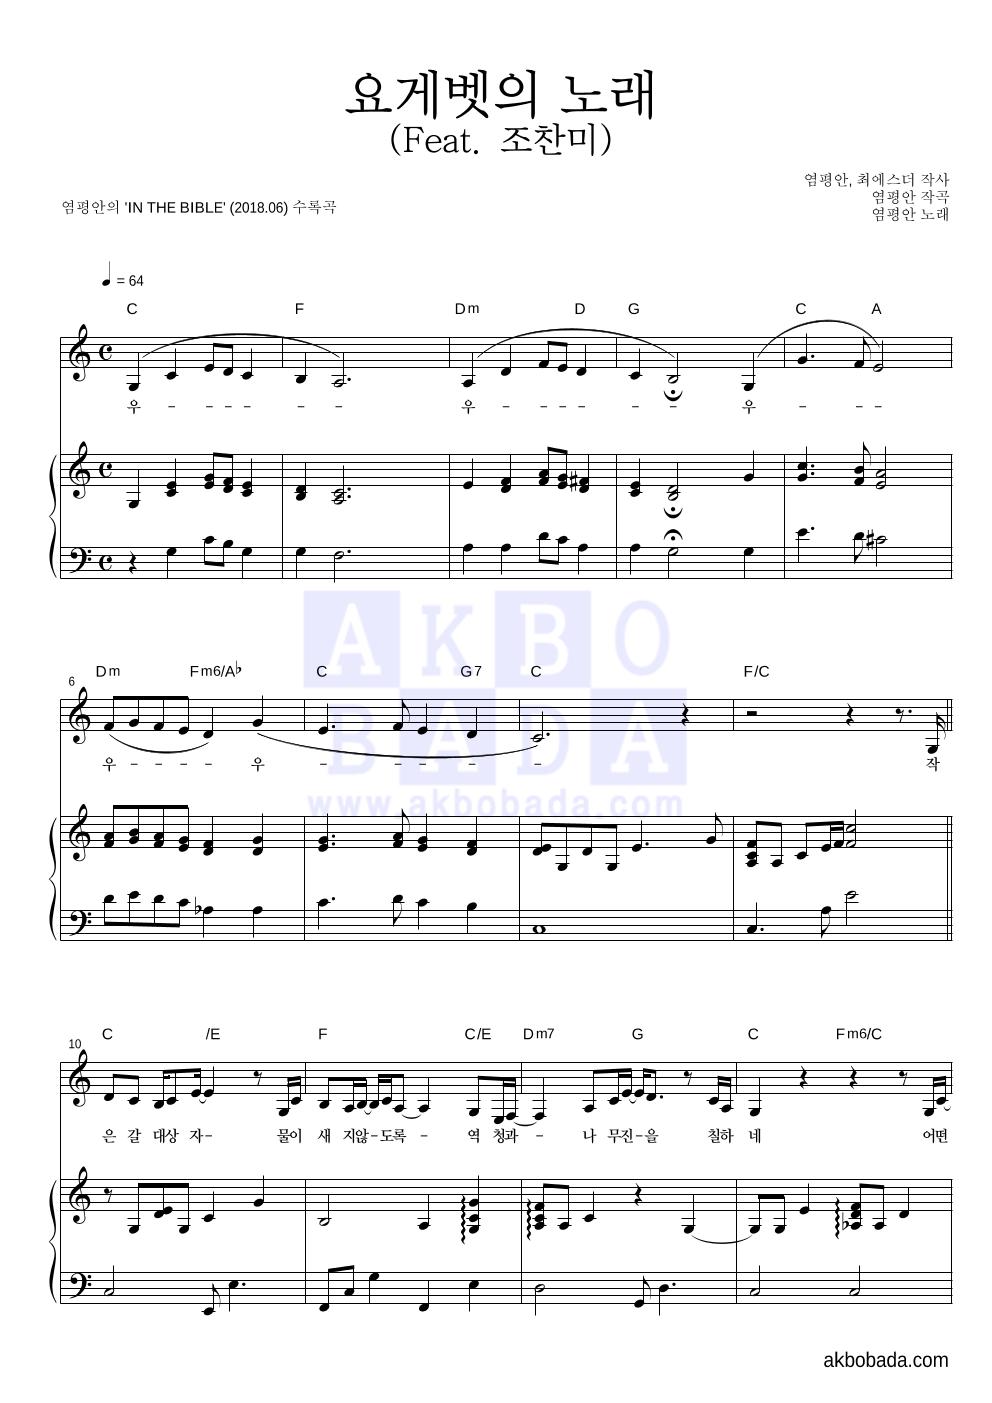 염평안 - 요게벳의 노래 (Feat. 조찬미) 피아노 3단 악보